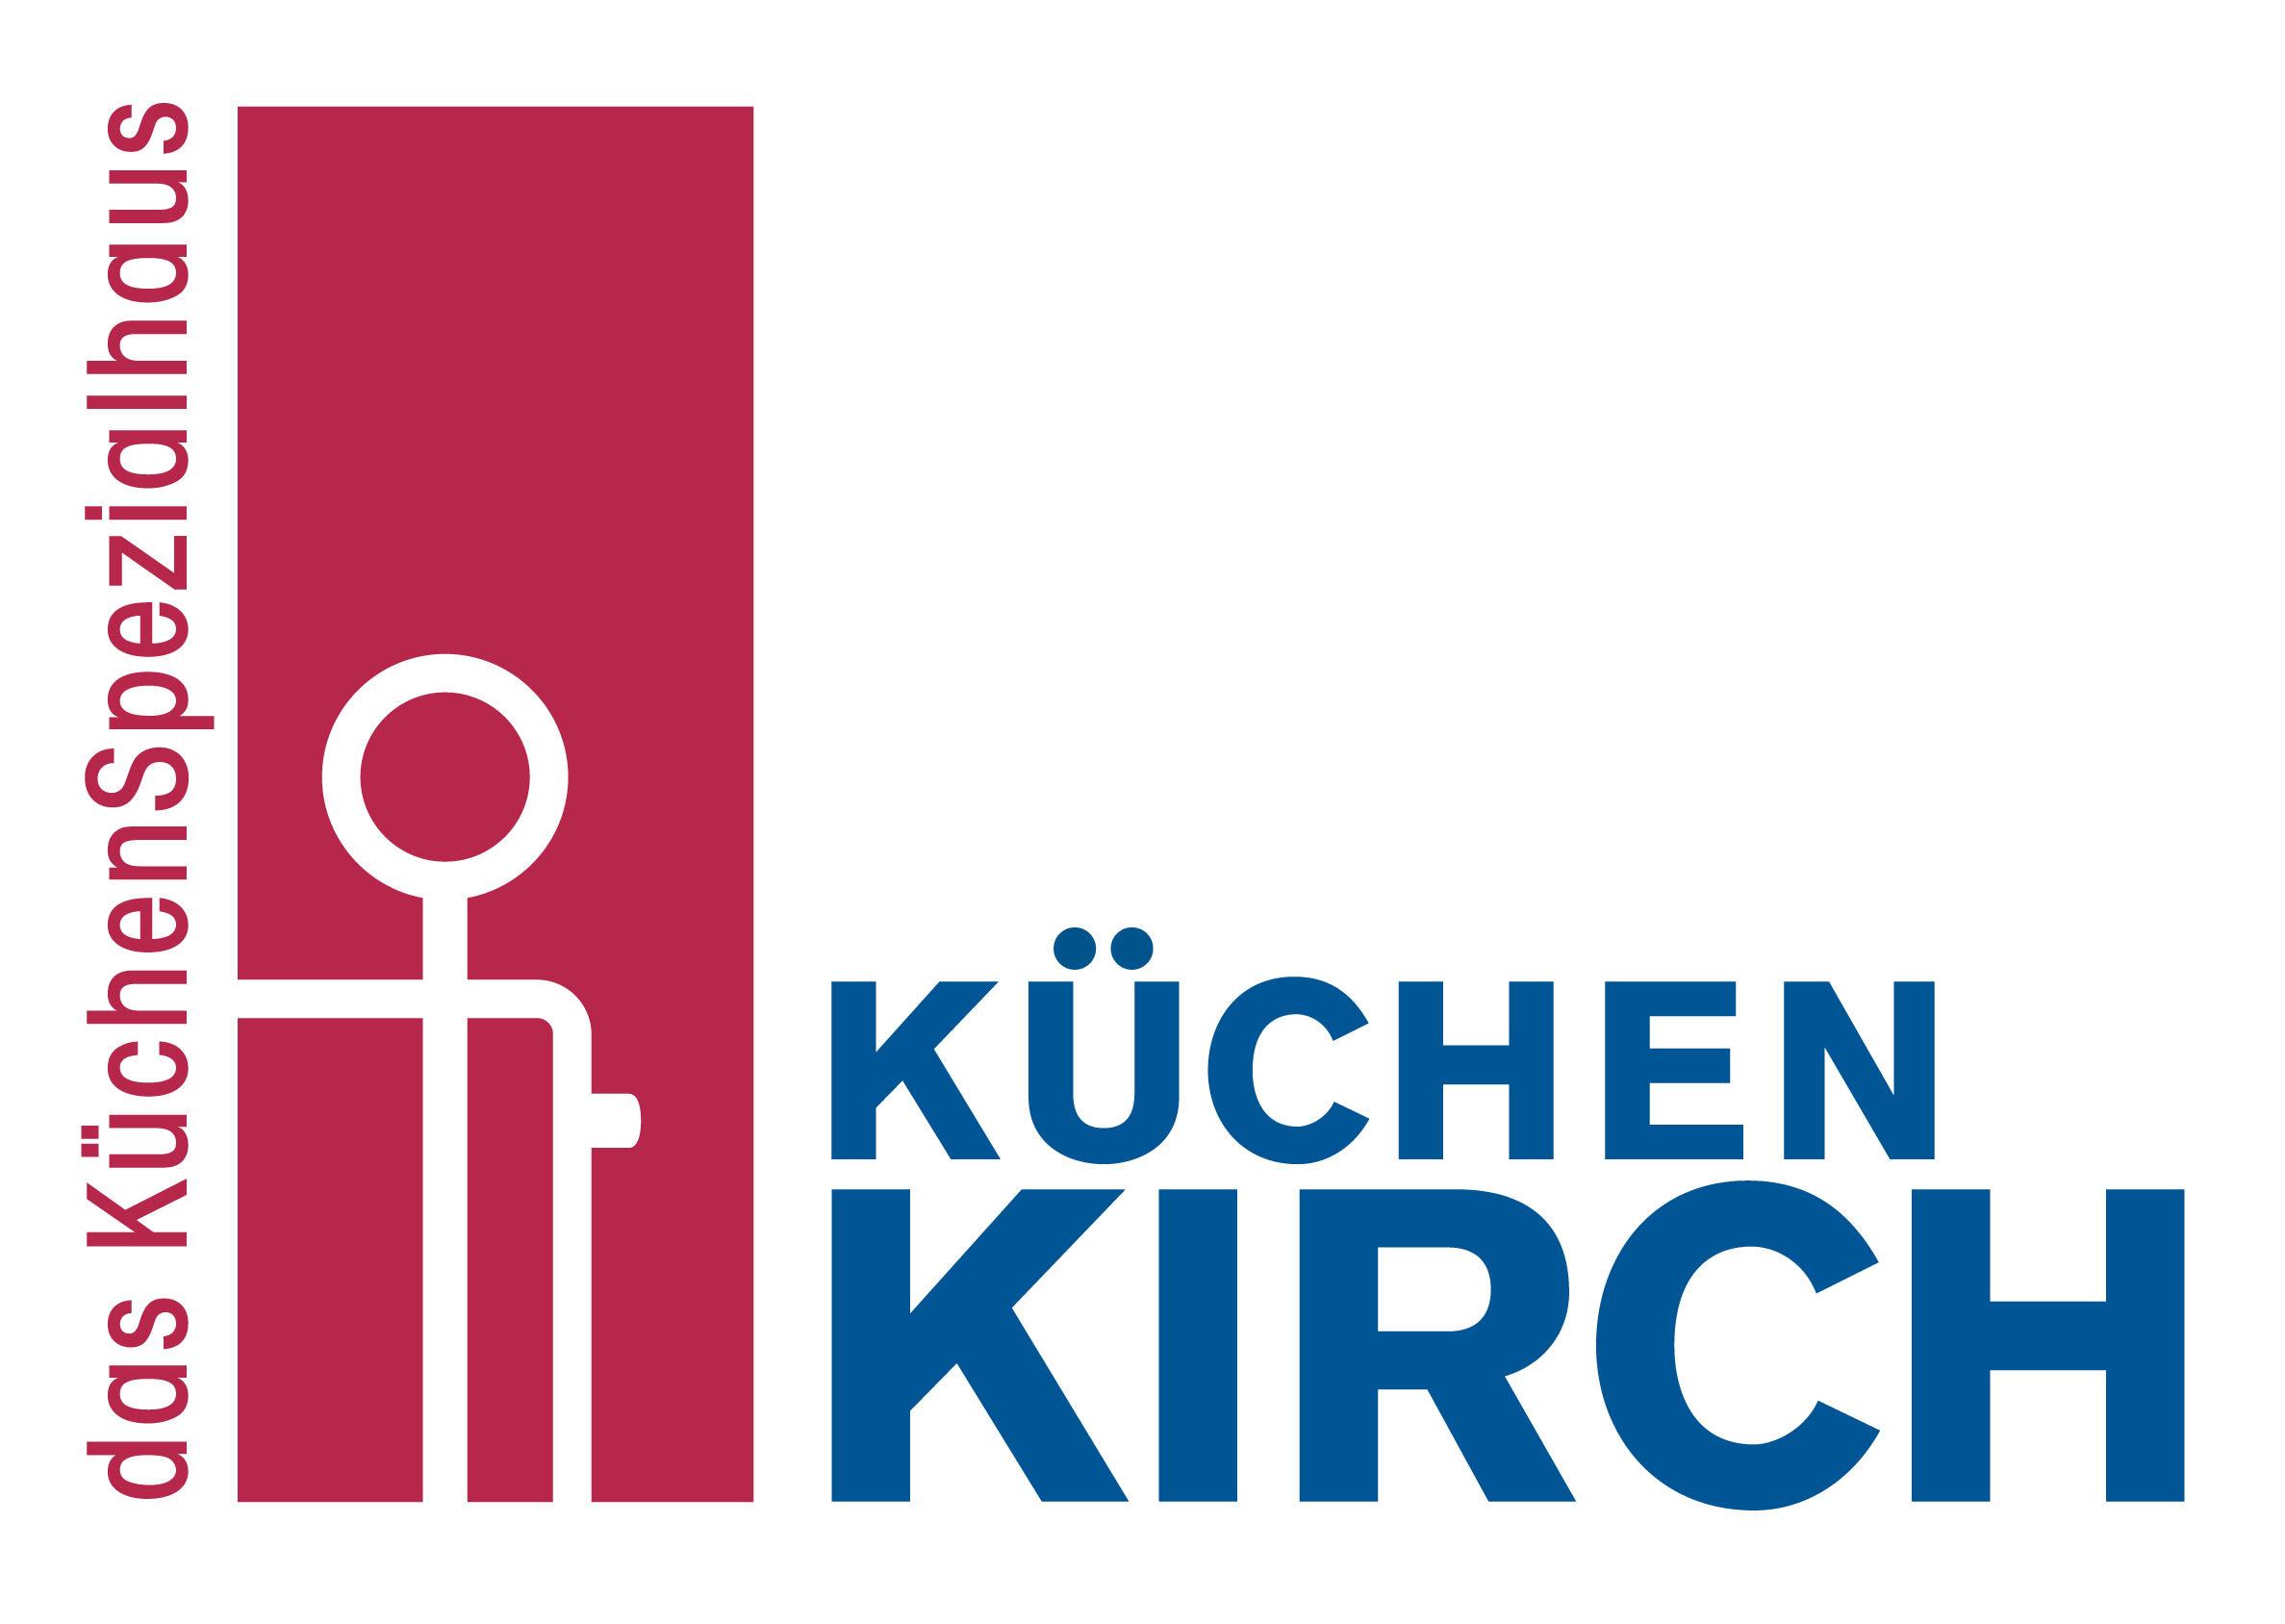 Küchen-Kirch GmbH   Das KüchenSpezialhaus  In der Köschwies 4  D-54320 Waldrach    Tel.: 06500/443  Fax.: 06500/7219  info @kuechen-kirch.de    www.kuechen-kirch.de